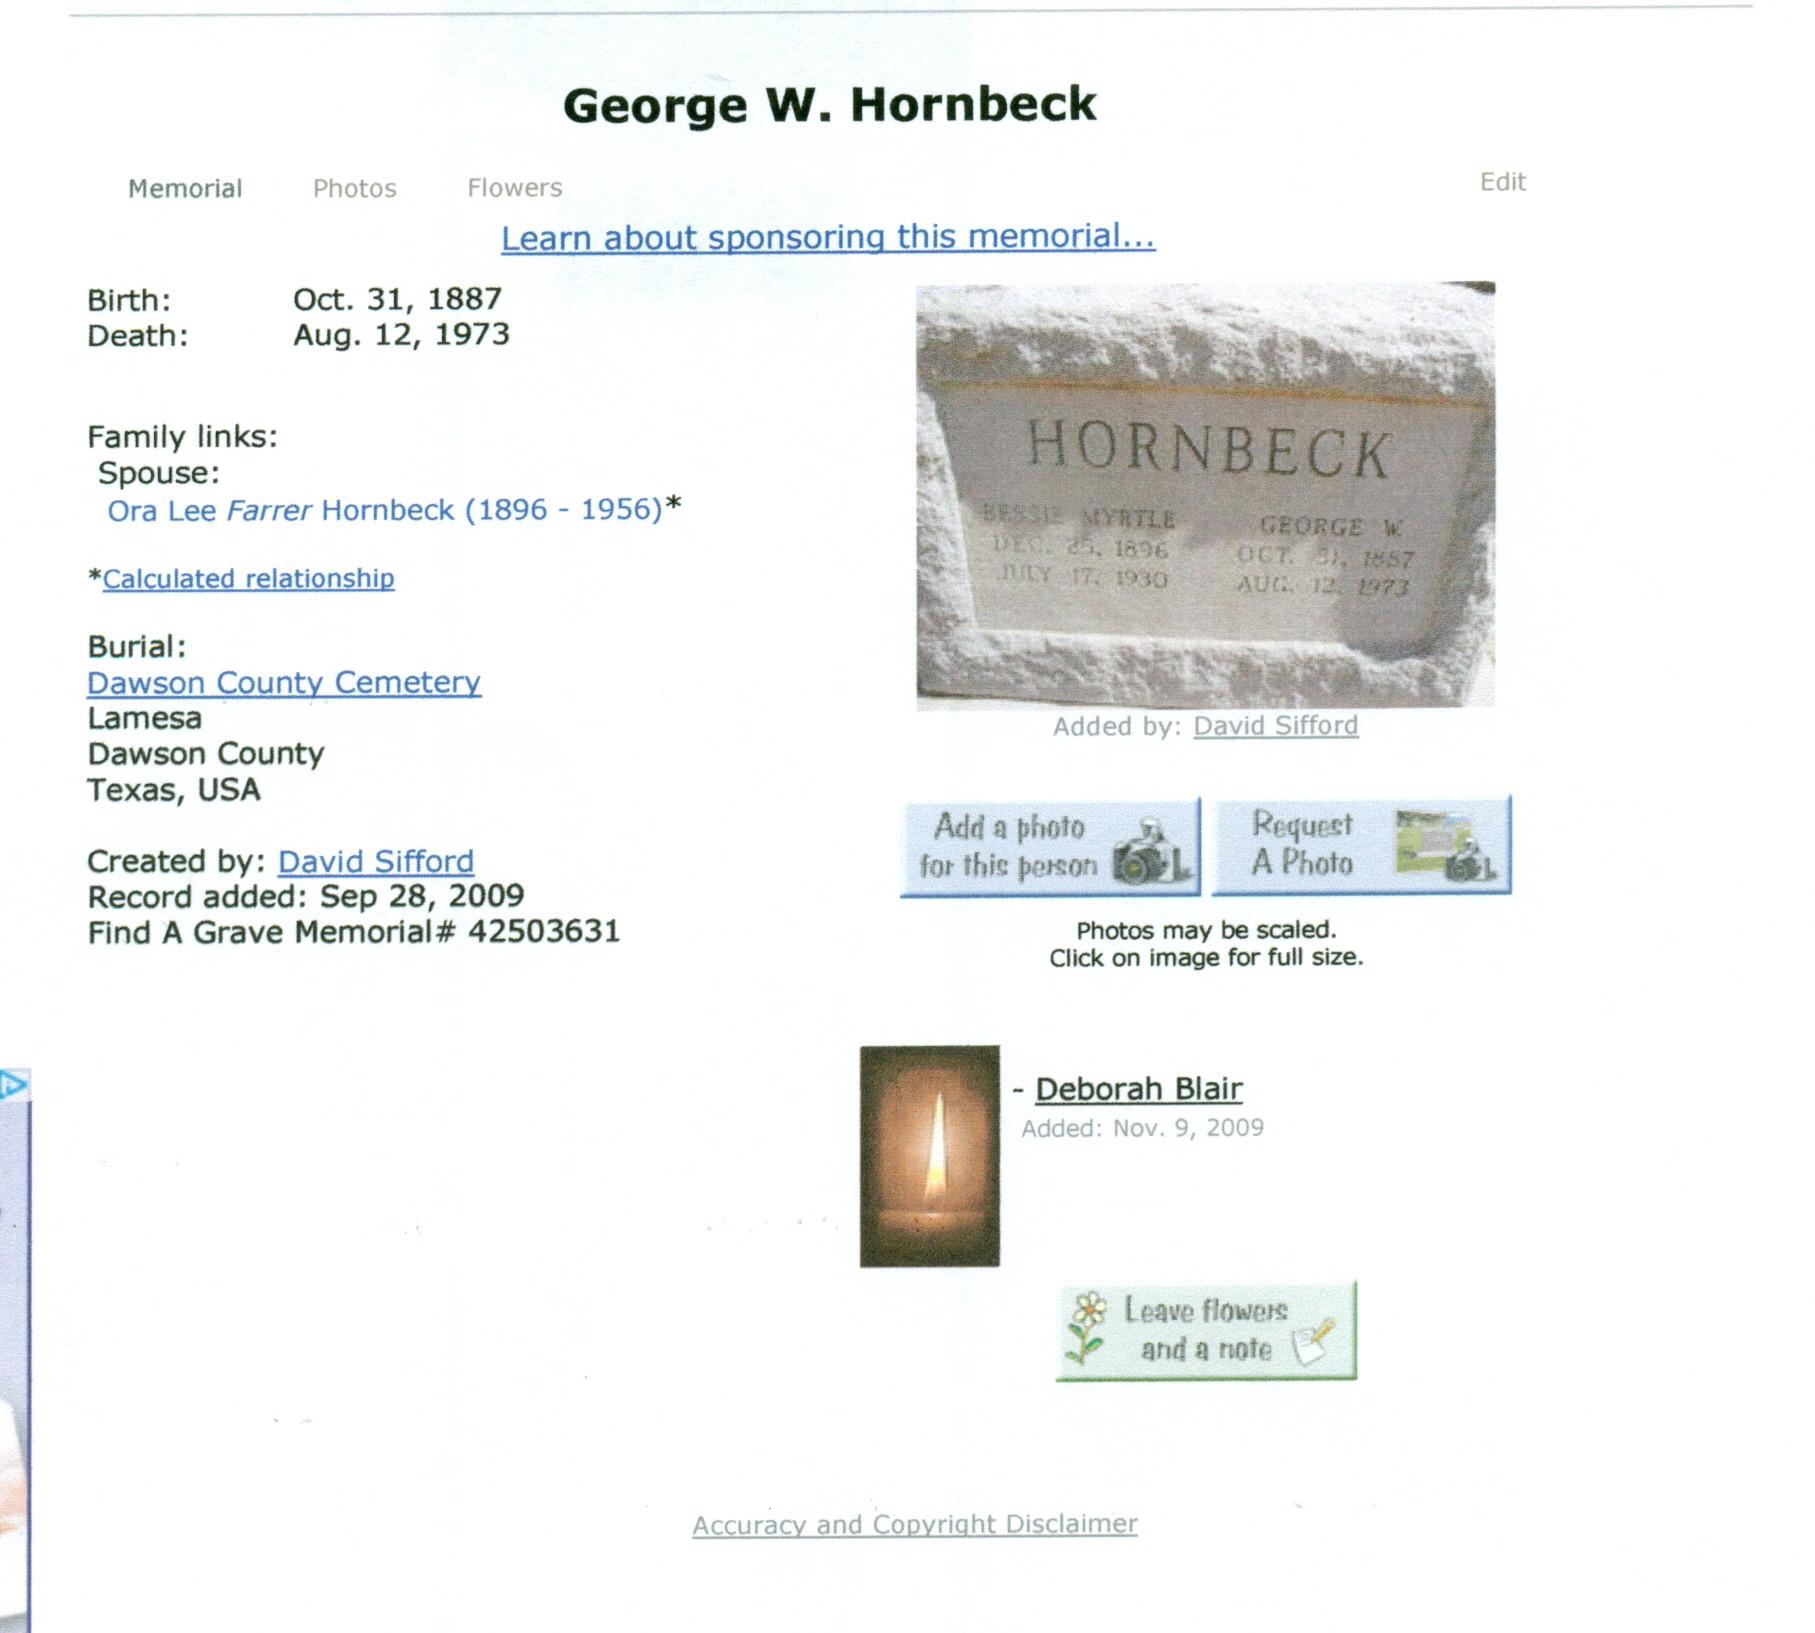 George William Hornbeck